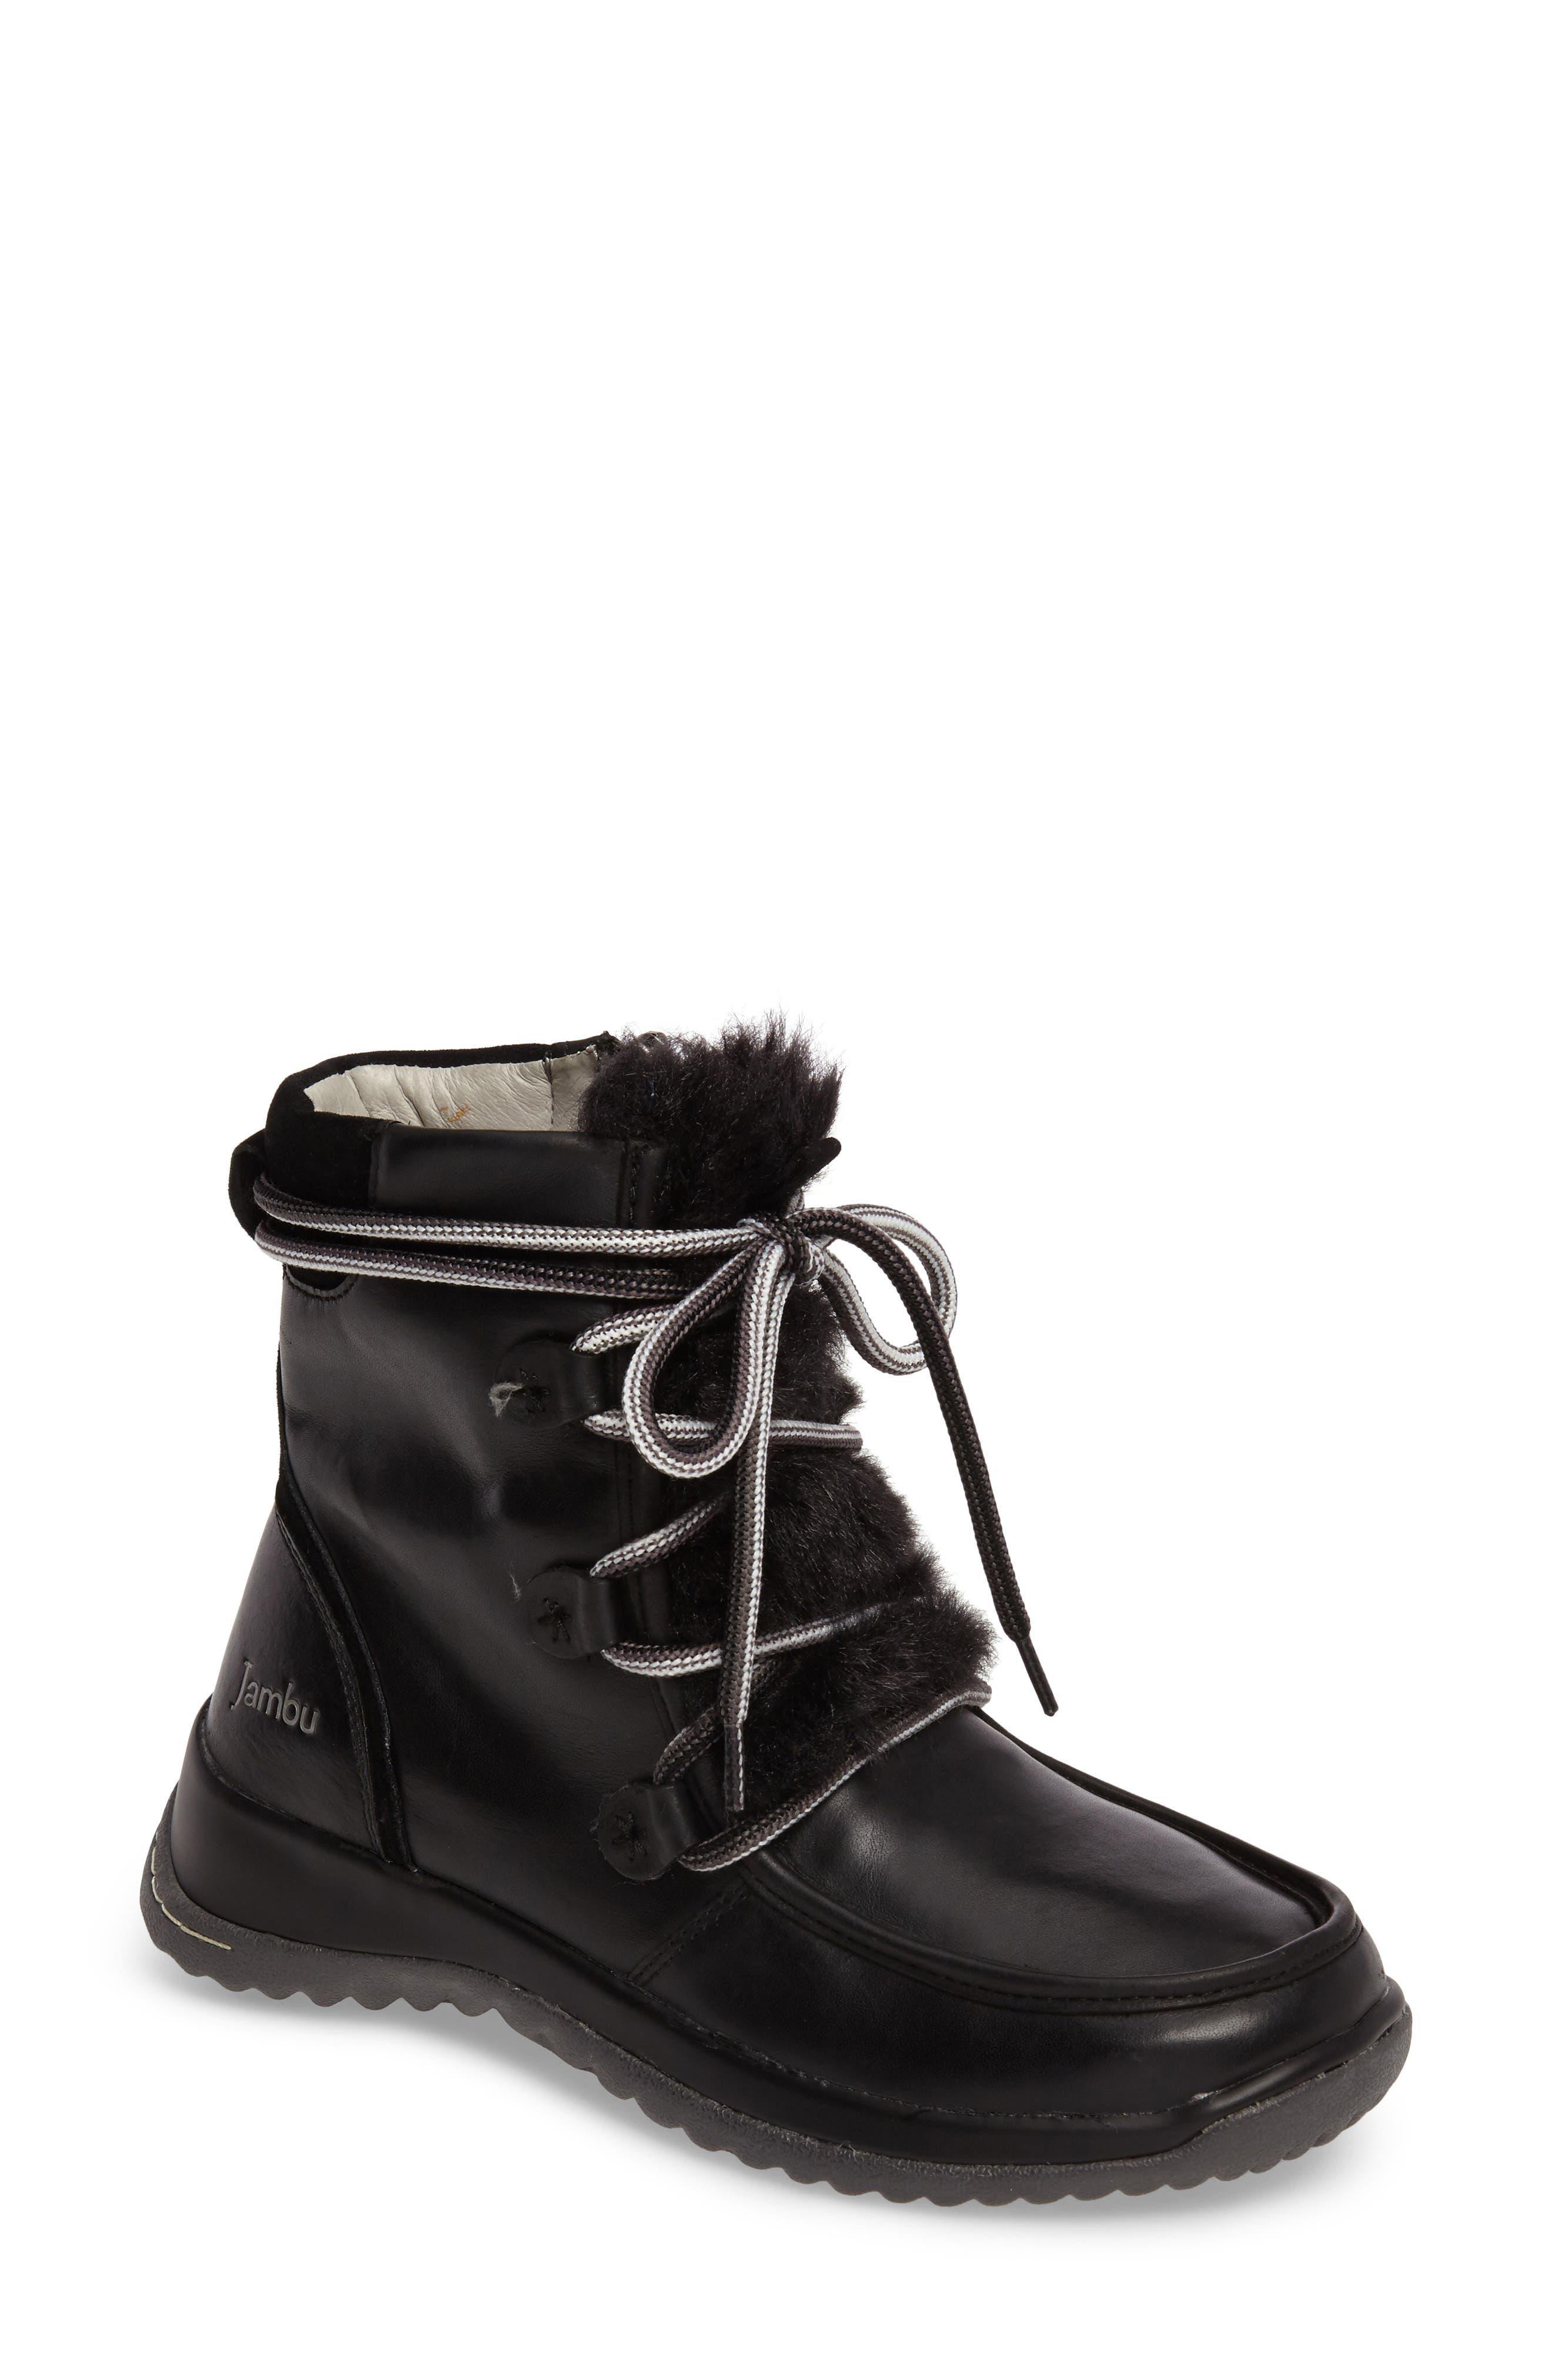 Denali Waterproof Boot,                         Main,                         color,